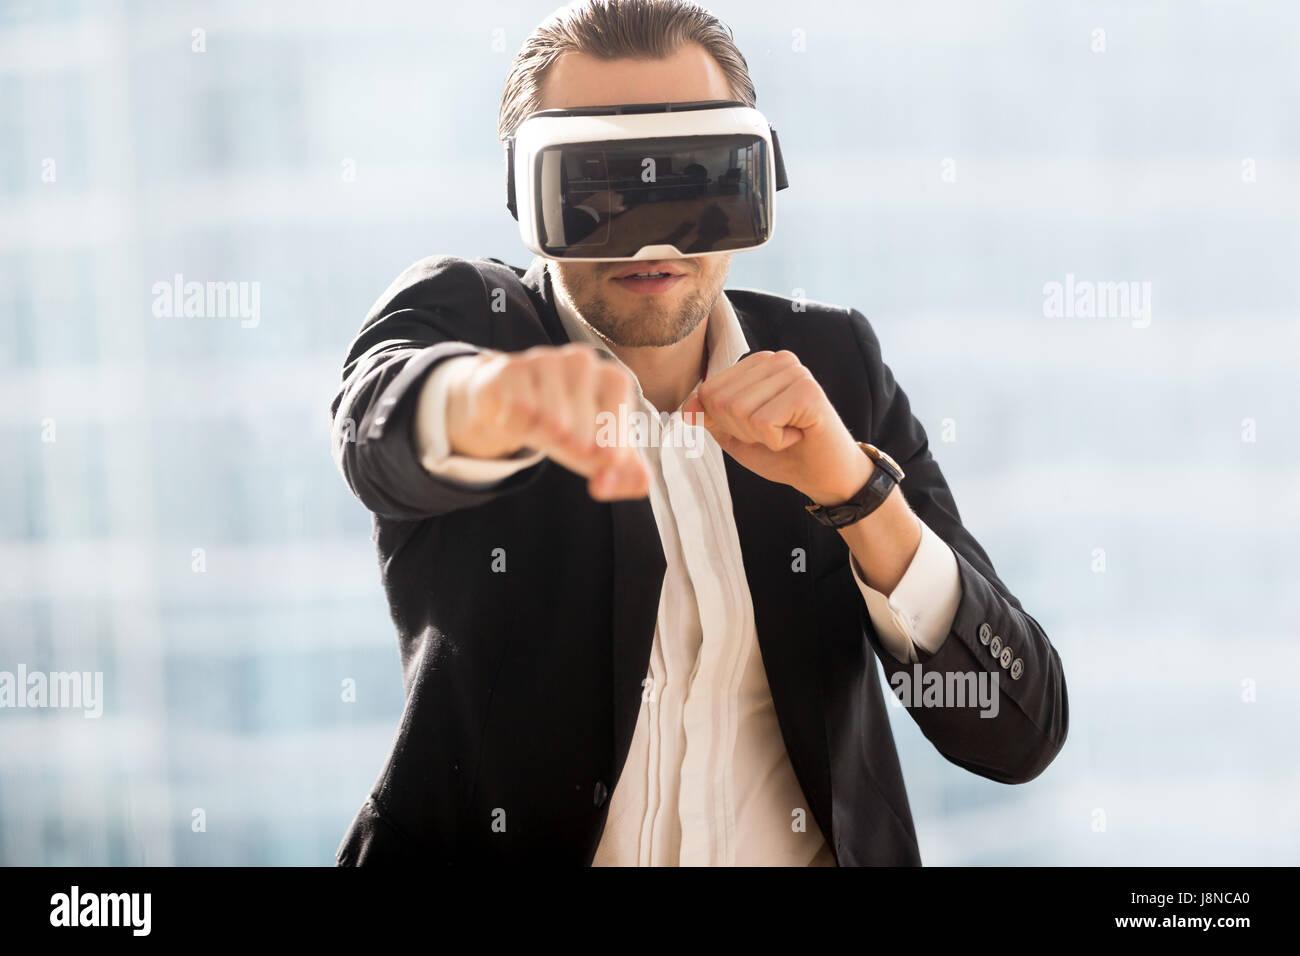 La boxe de l'homme avec des lunettes de réalité virtuelle sur la tête Photo Stock